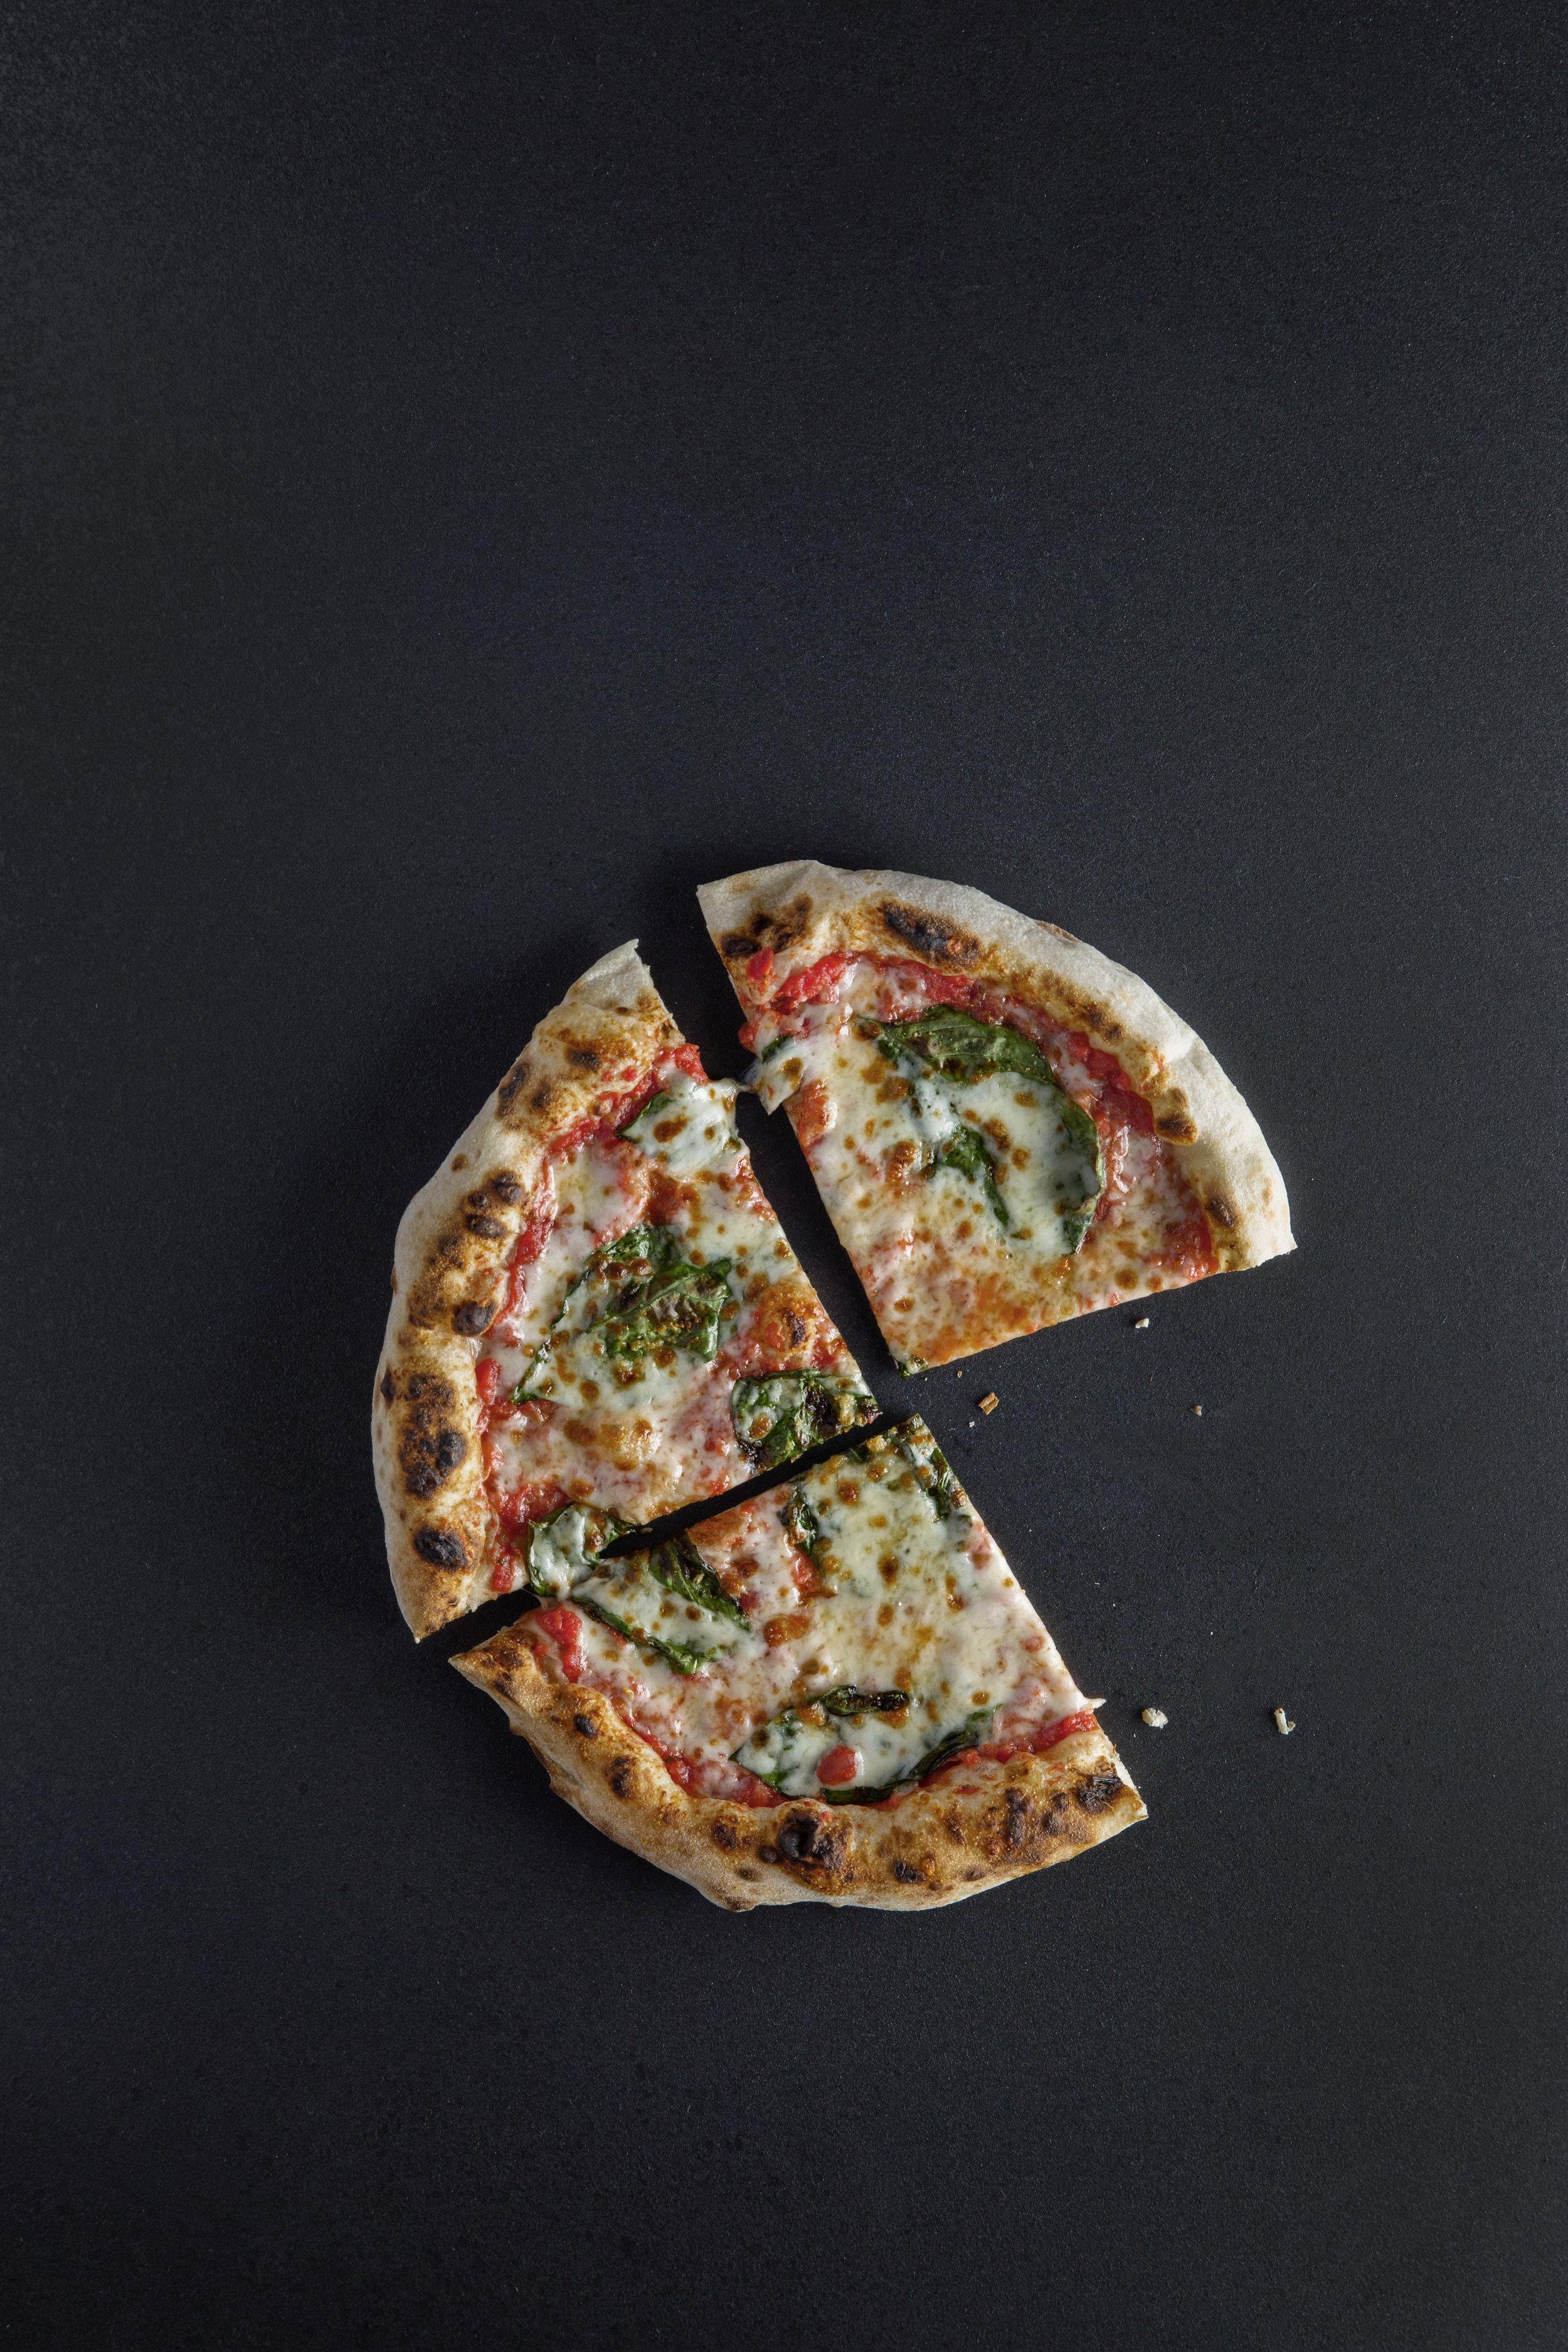 Rstumpf_PizzeriaLocal-867.jpg